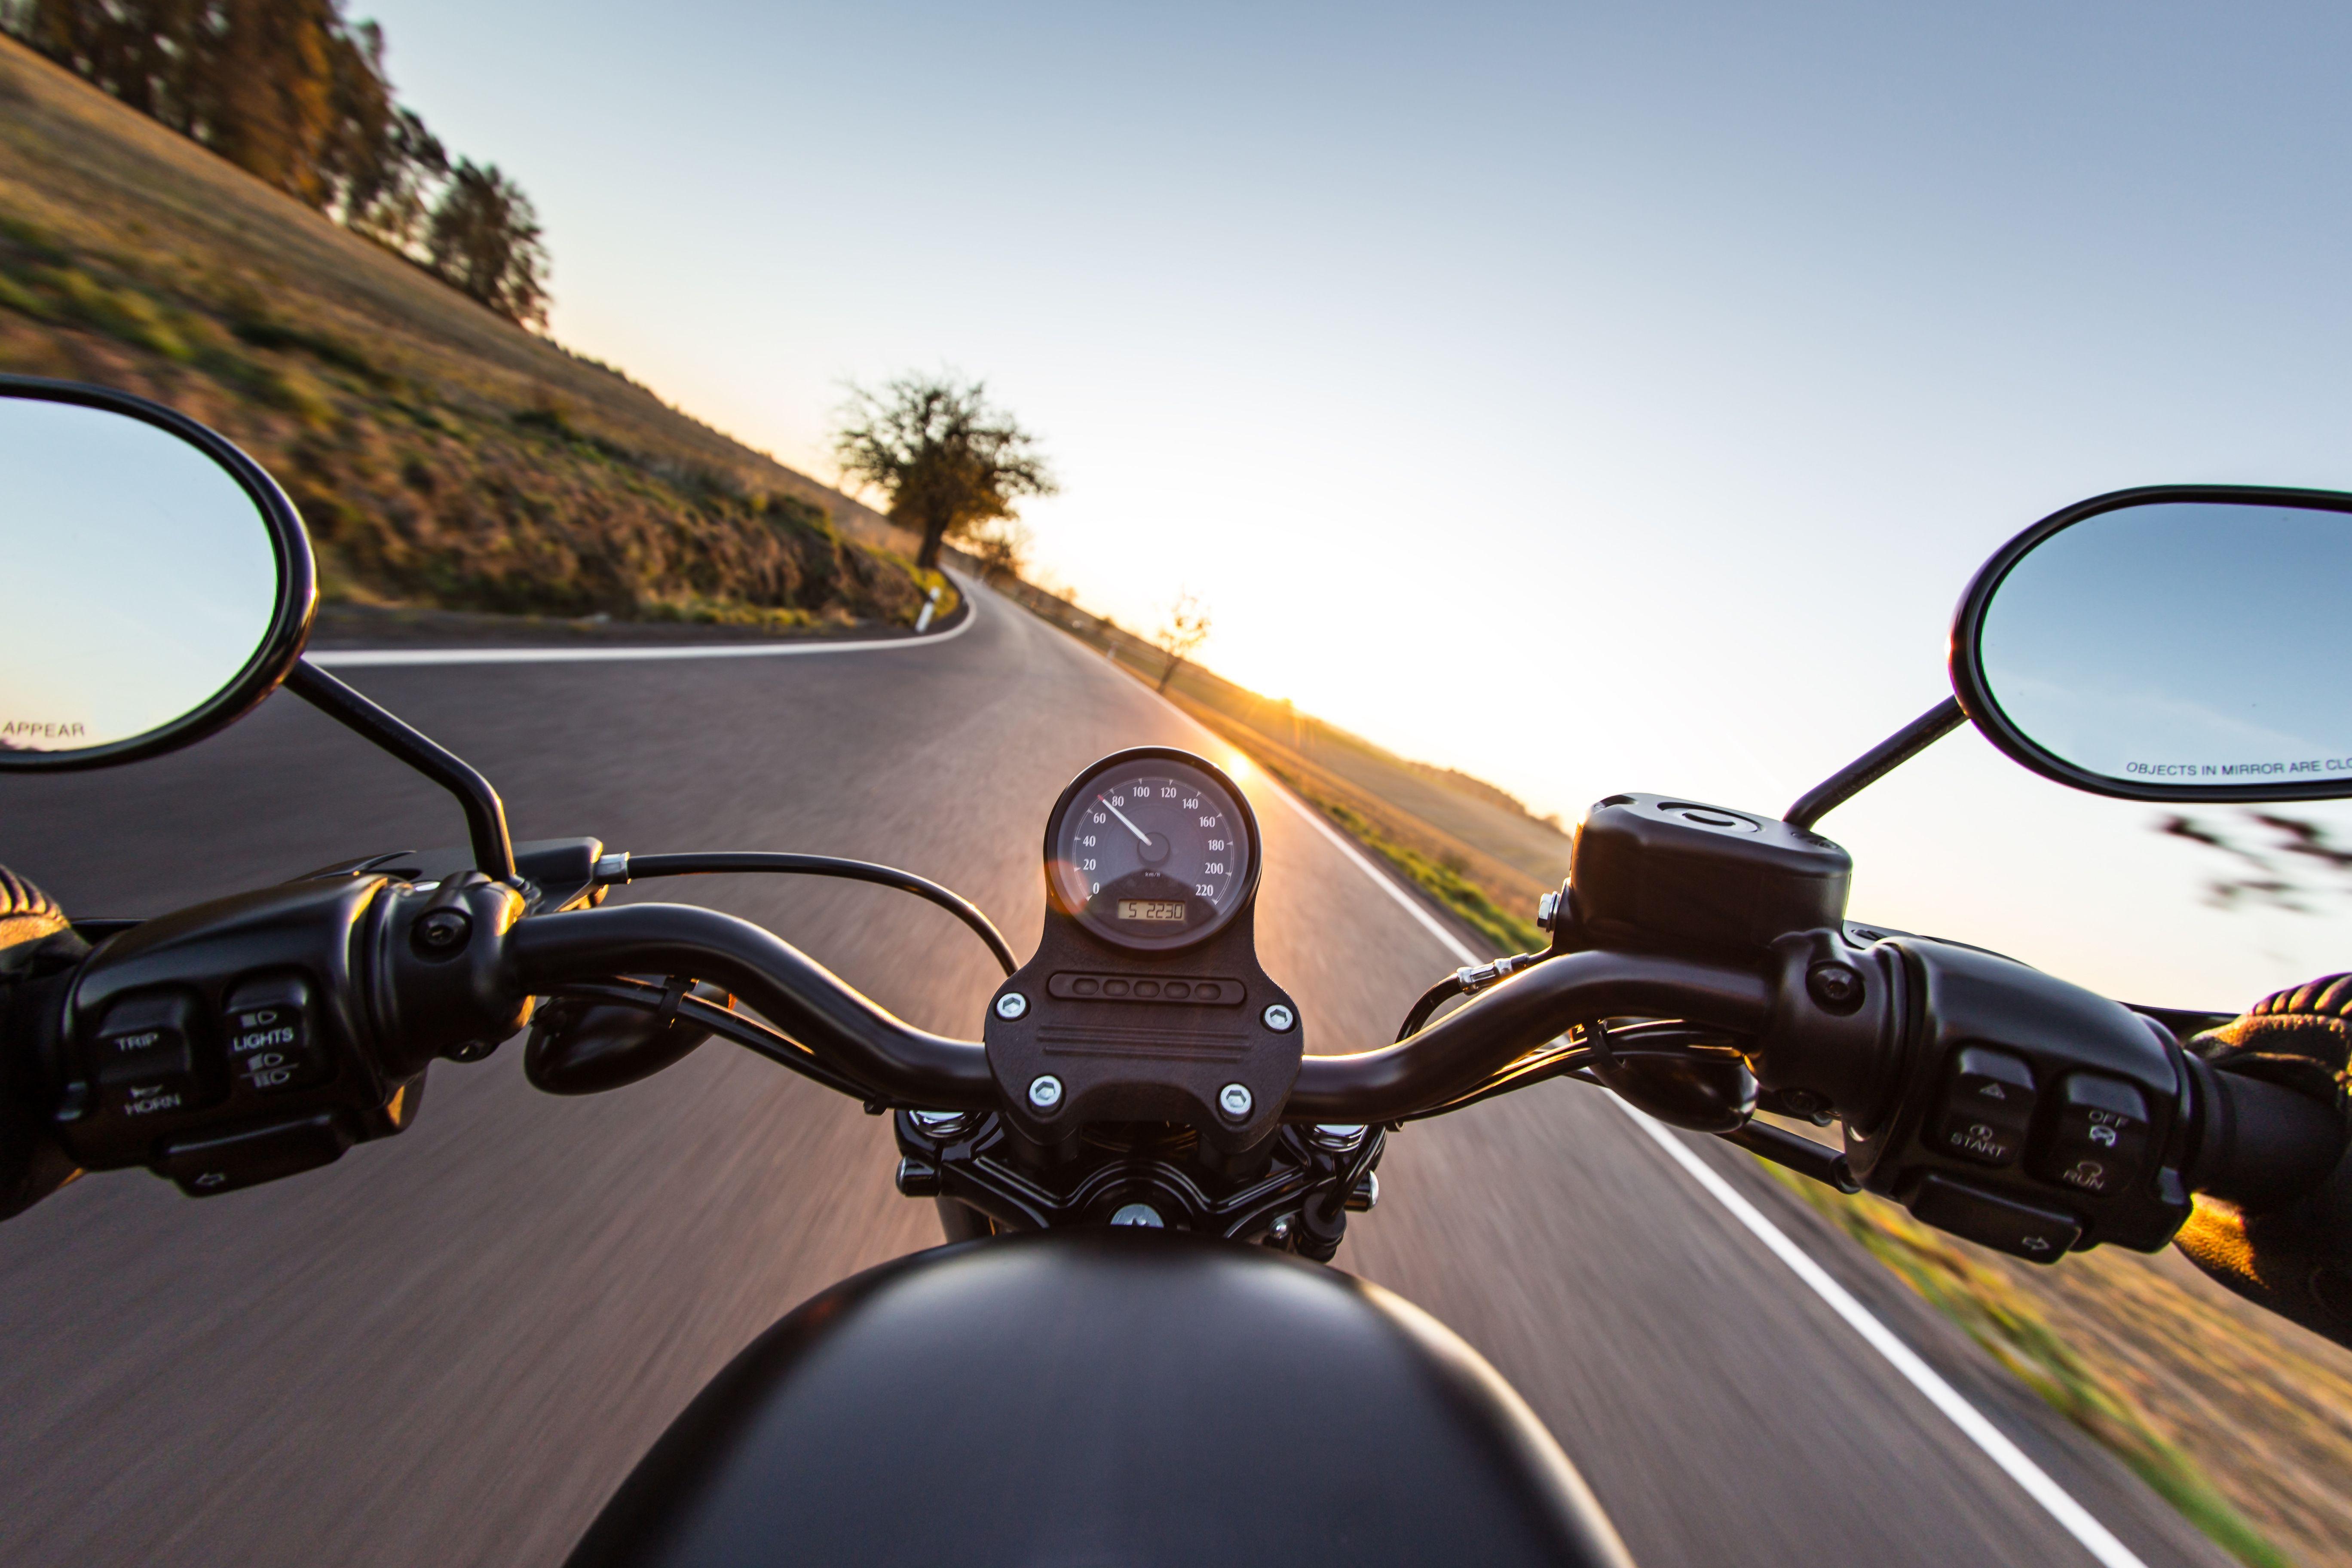 Tu moto siempre en perfecto estado en Madrid